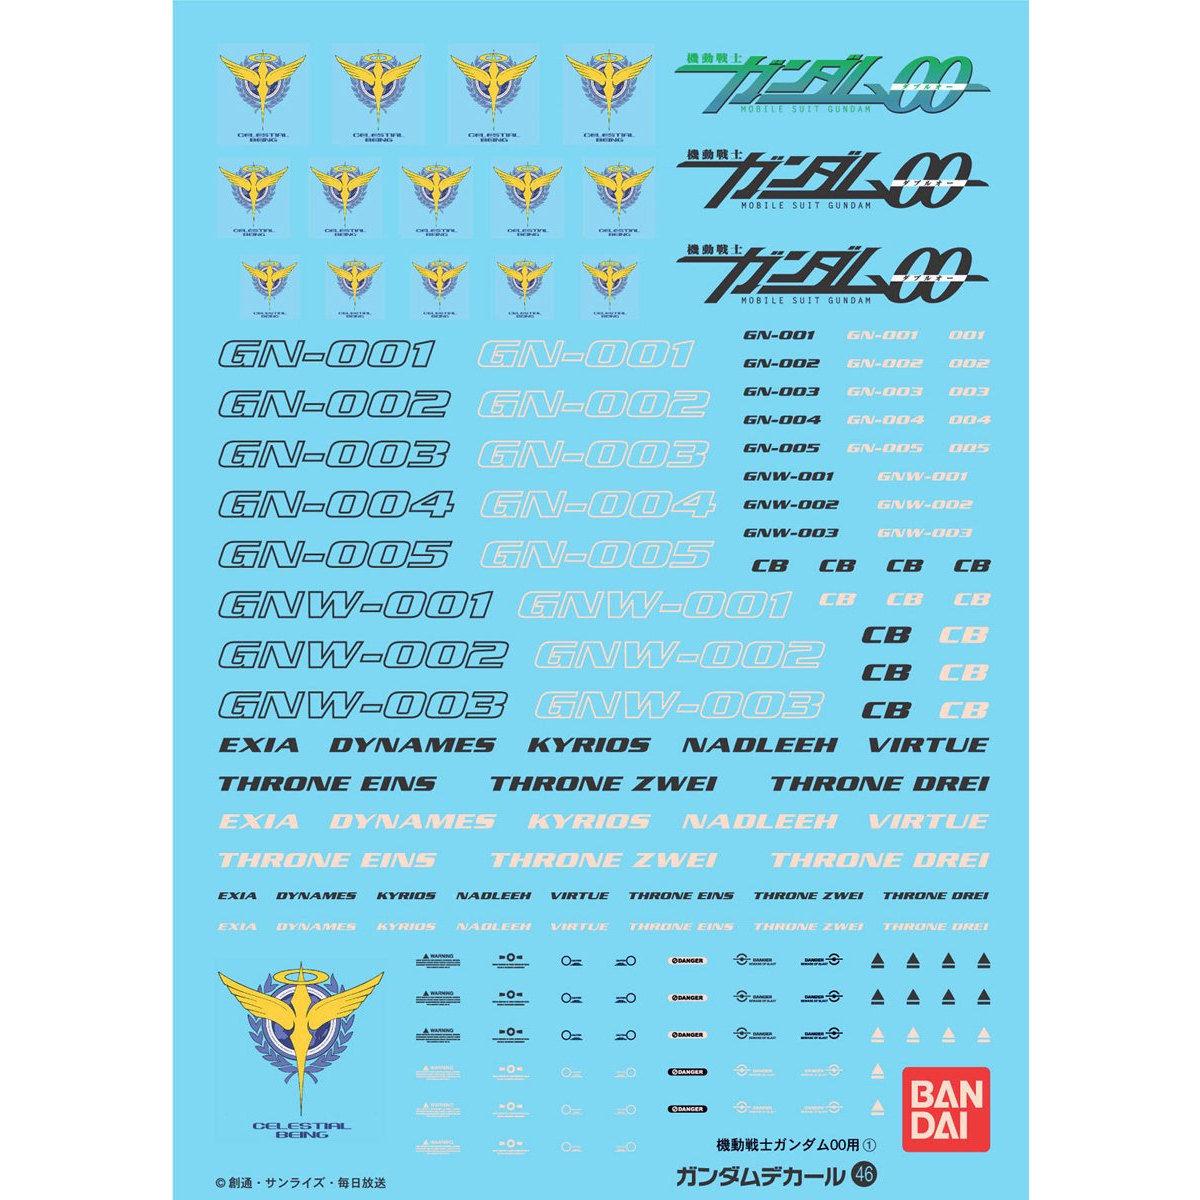 ガンダムデカール GD46 1/60・1/100・1/144(HG) 機動戦士ガンダム00用(1)(ダブルオー汎用) 0153712 4543112537126 5061144 4573102611444